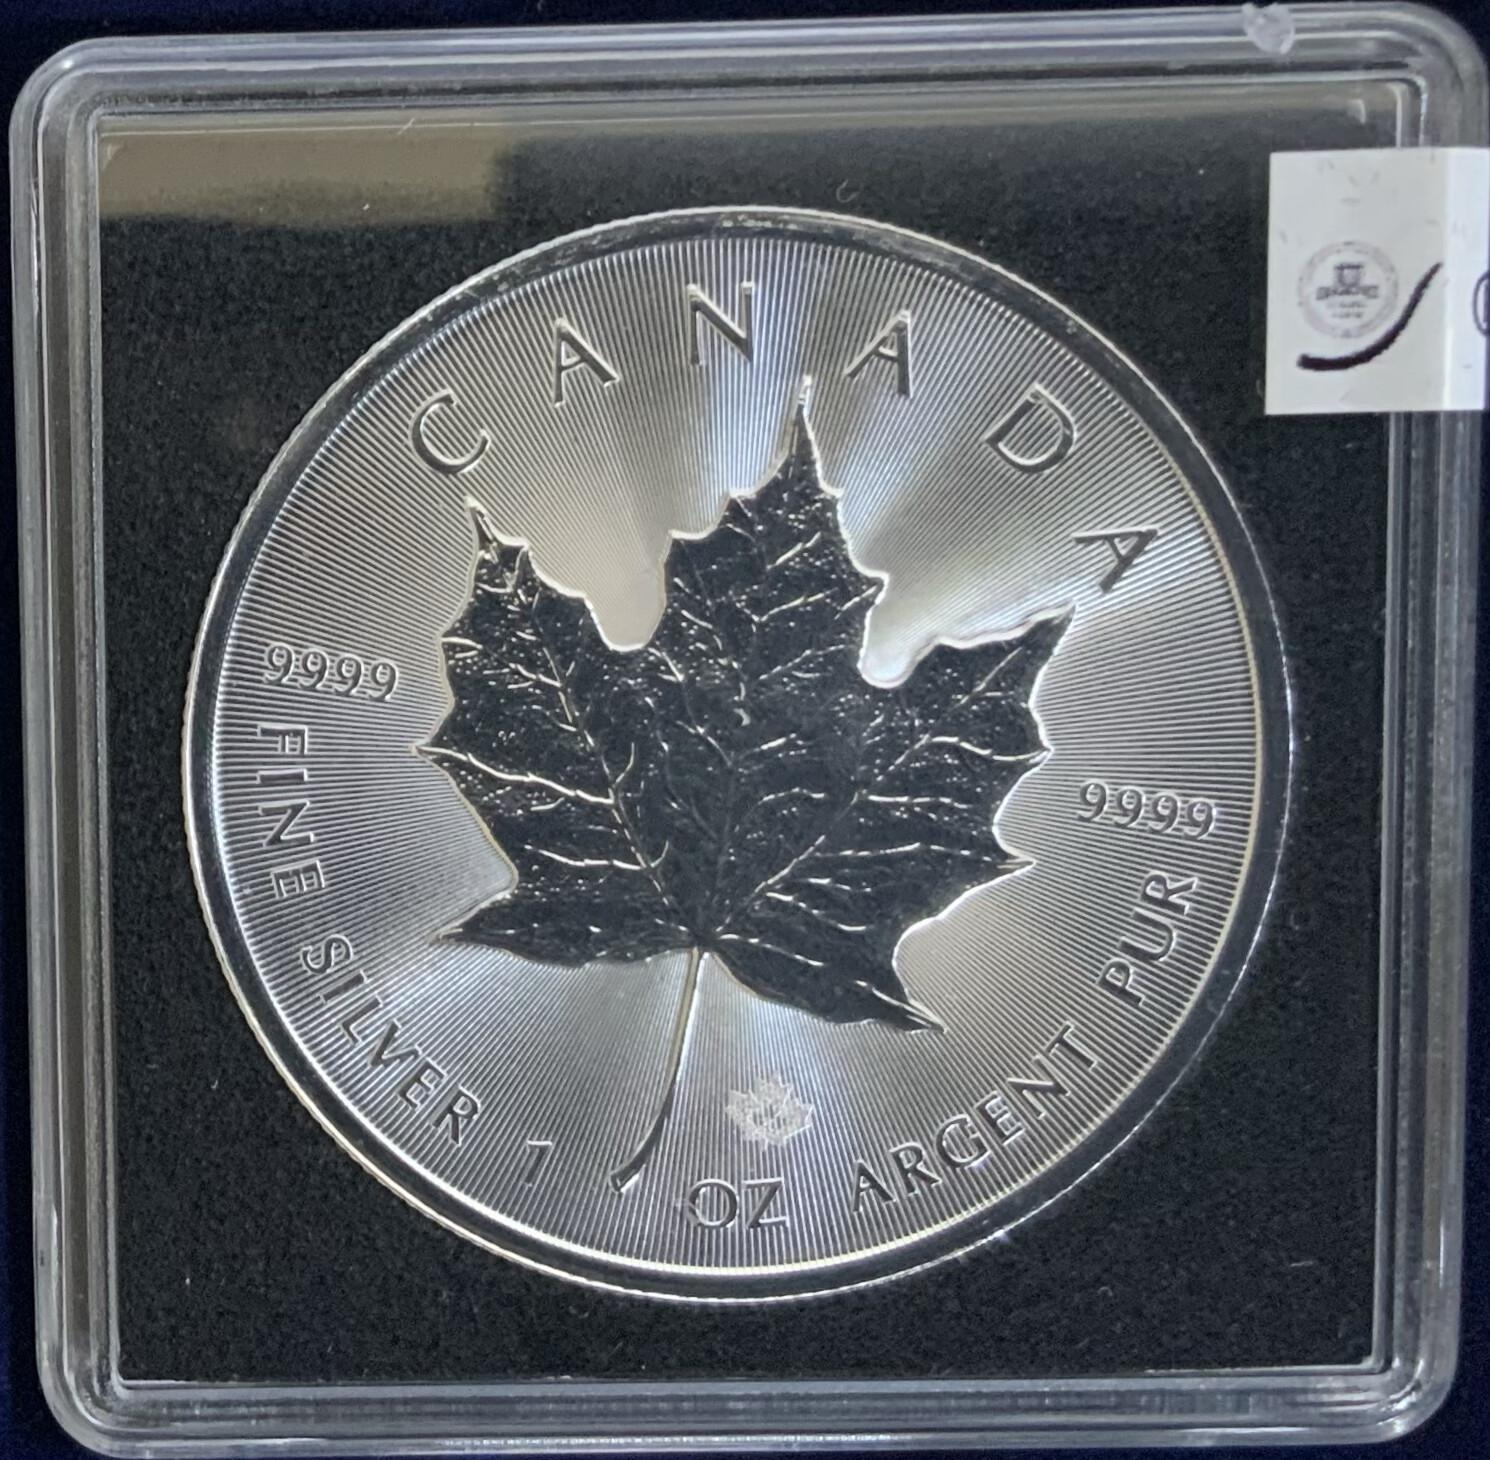 1 Oz Silver Canada - Maple Leaf - 2020